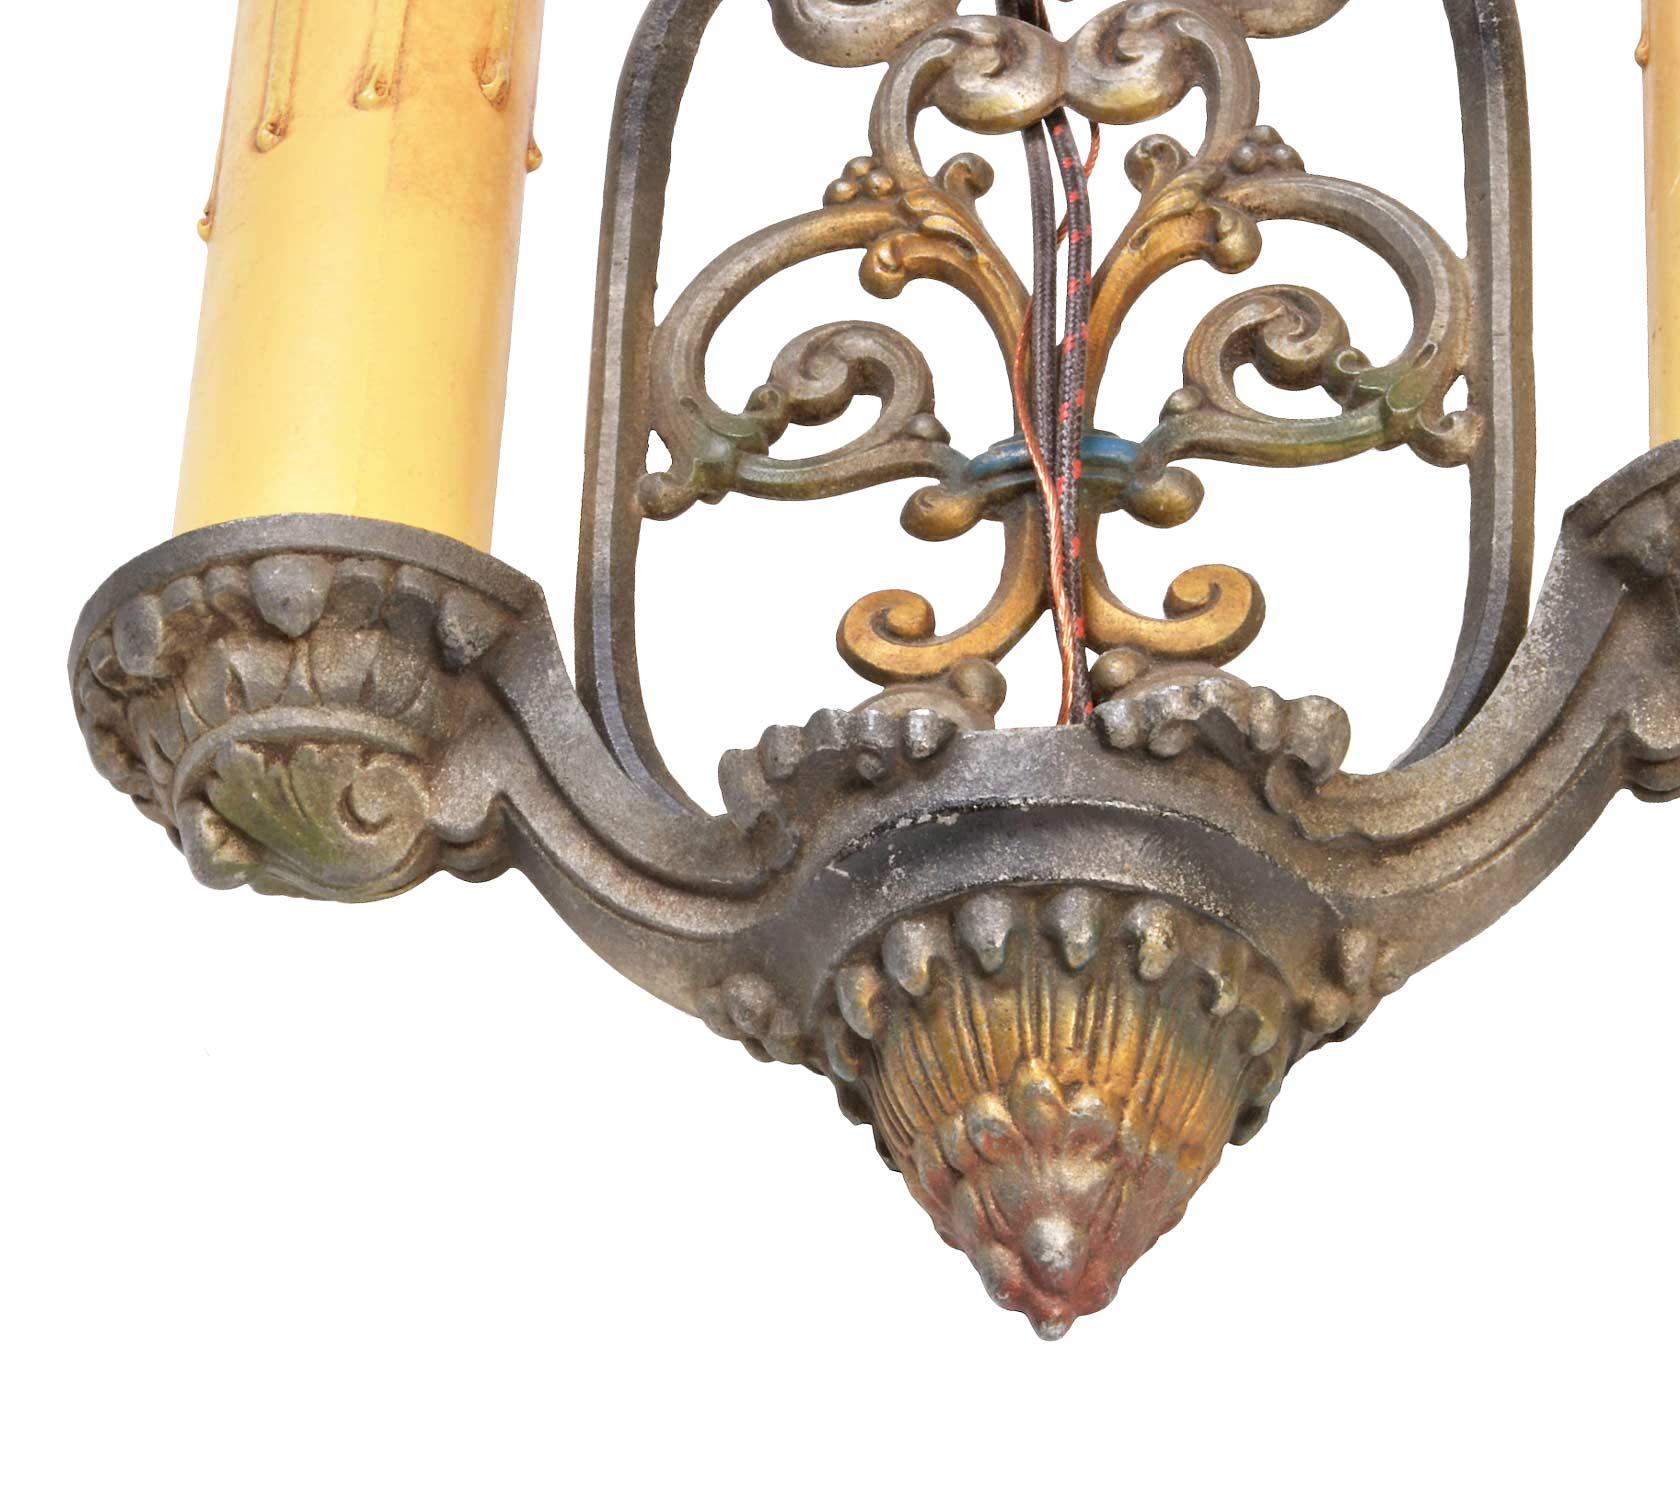 46579-aluminum-riddle-pendant-detail.jpg